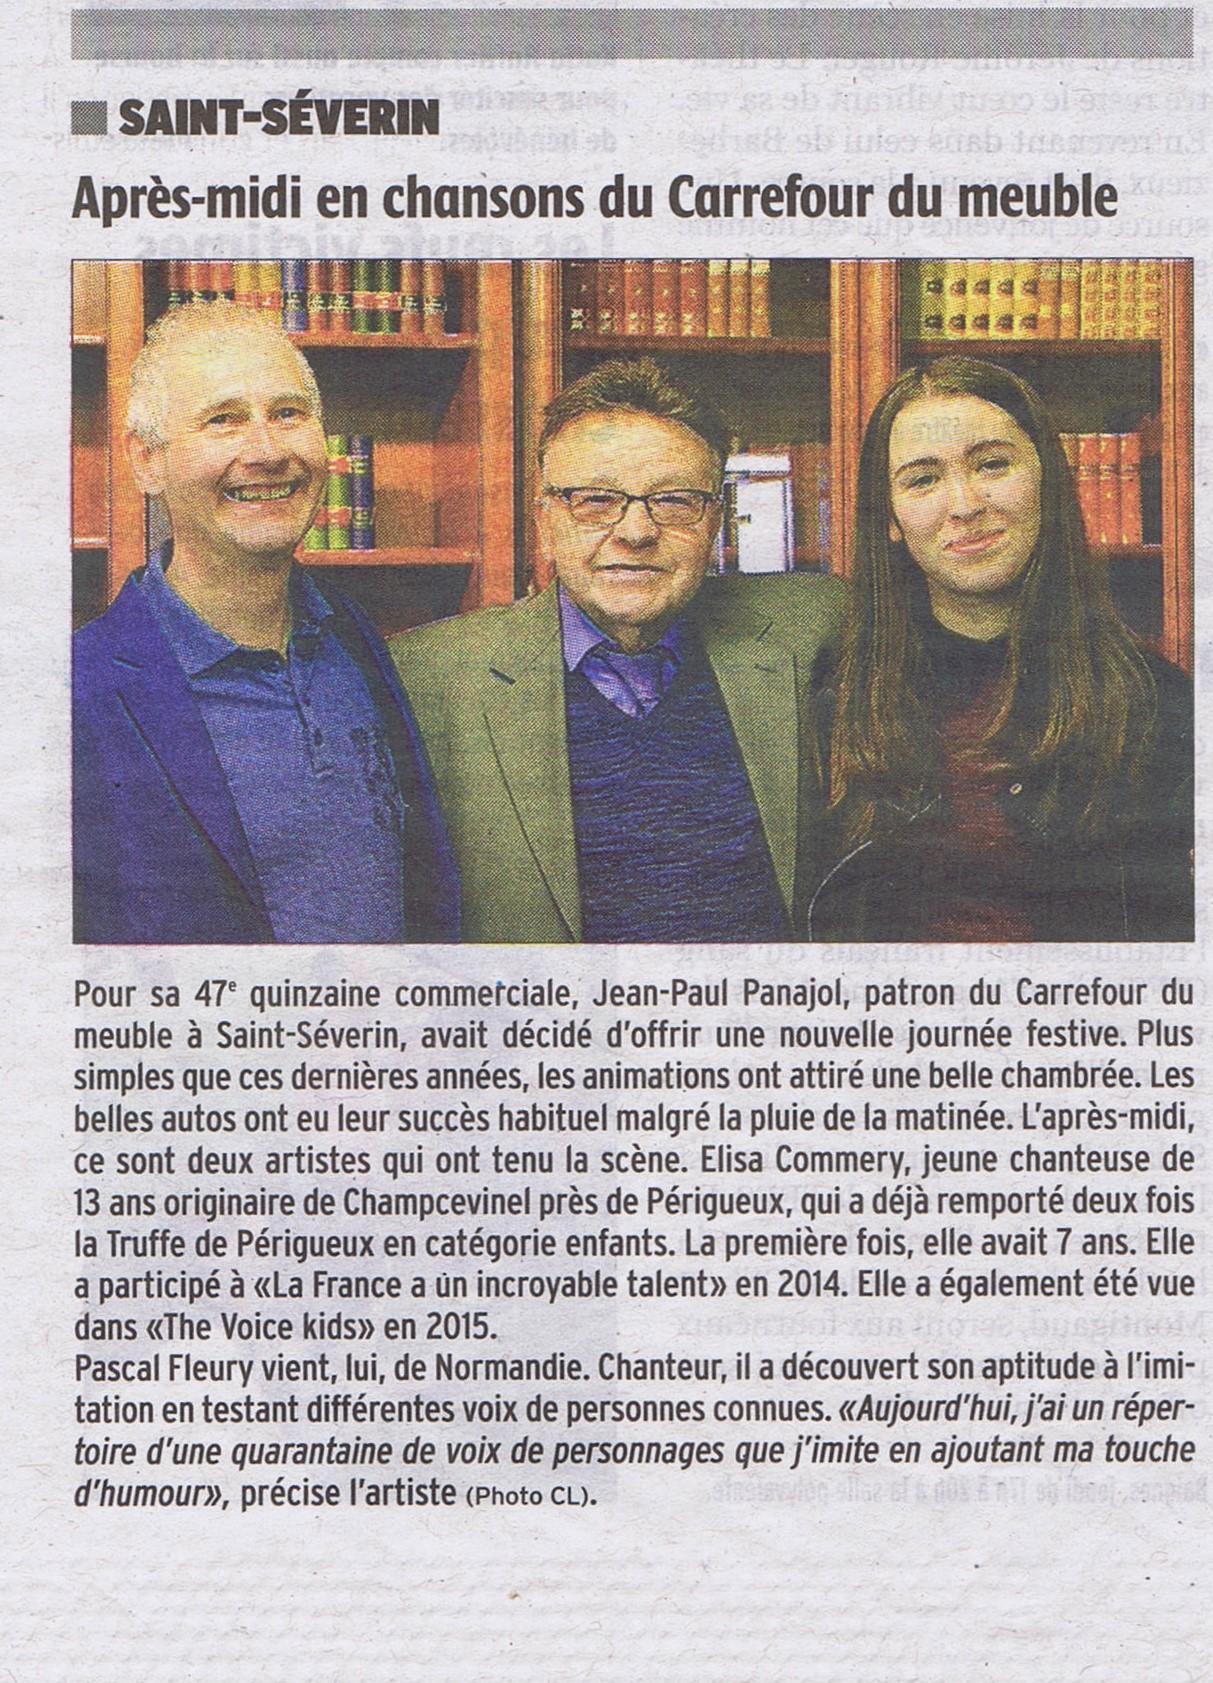 Pascal Fleury au carrefour du meuble St Severin 29 mars 2016 (Charente)